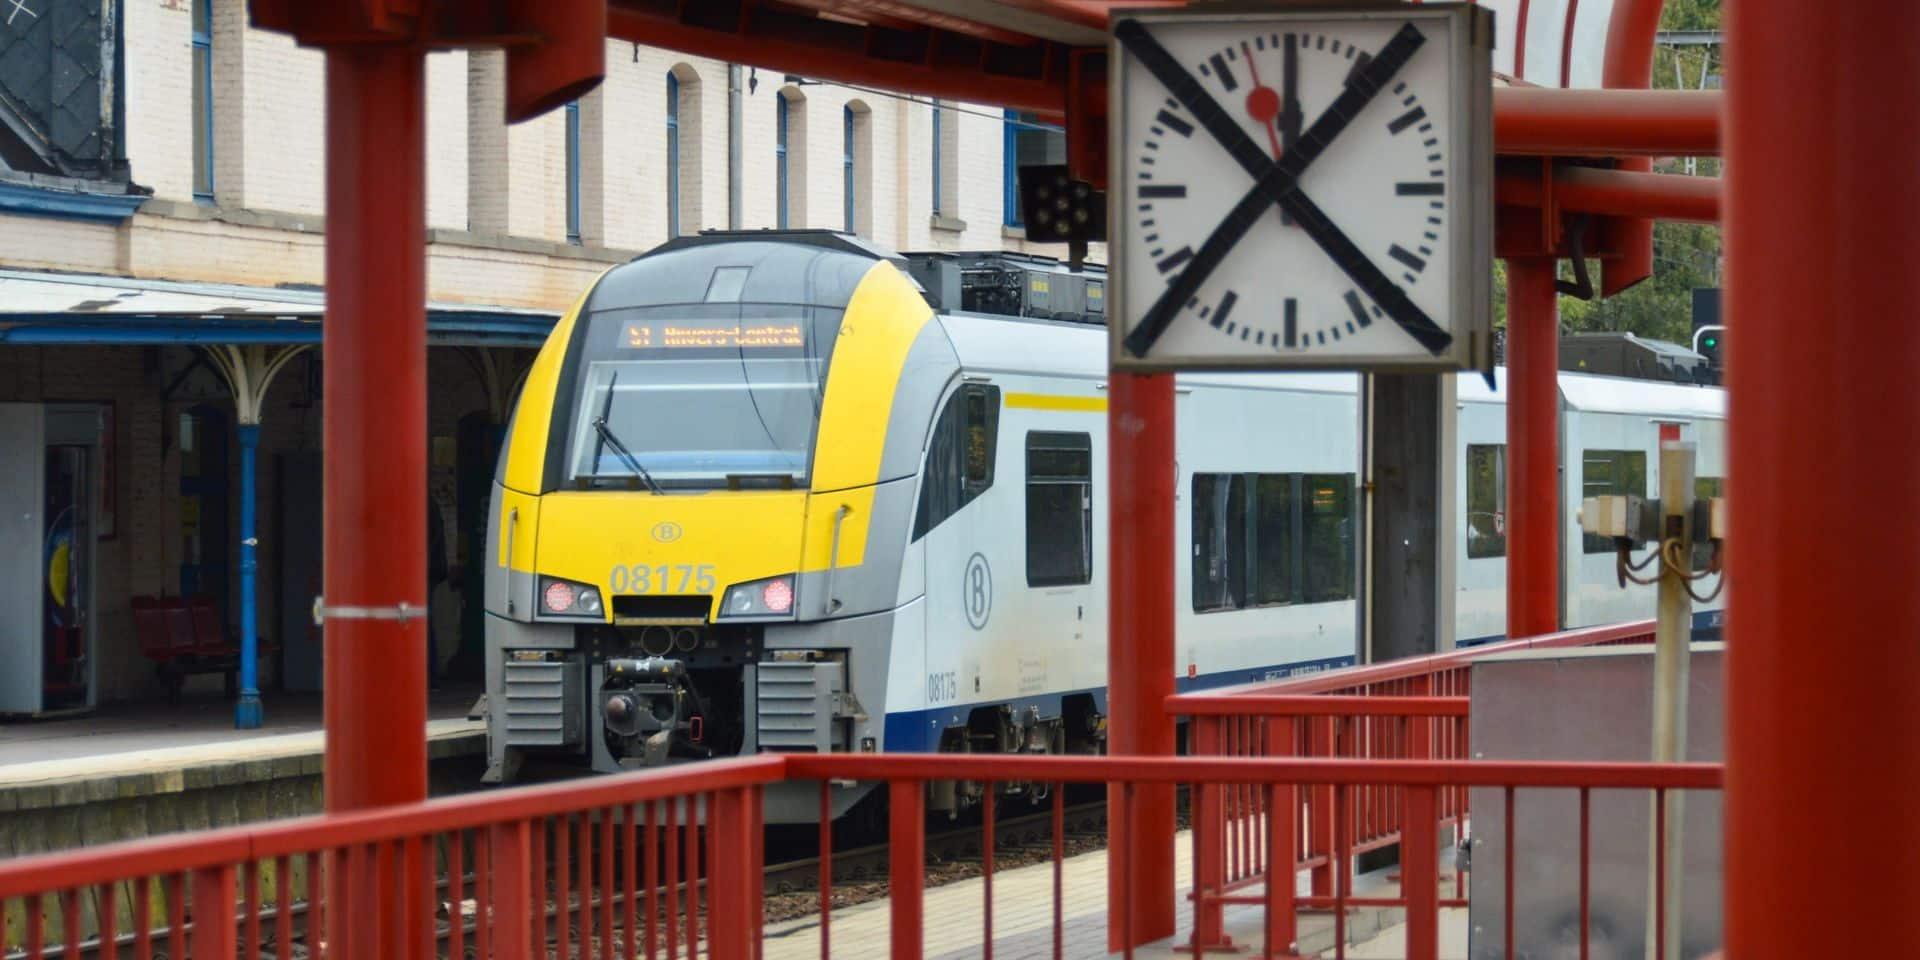 Le trafic ferroviaire interrompu entre Bruxelles-Midi et Braine-l'Alleud, une personne percutée sur les voies